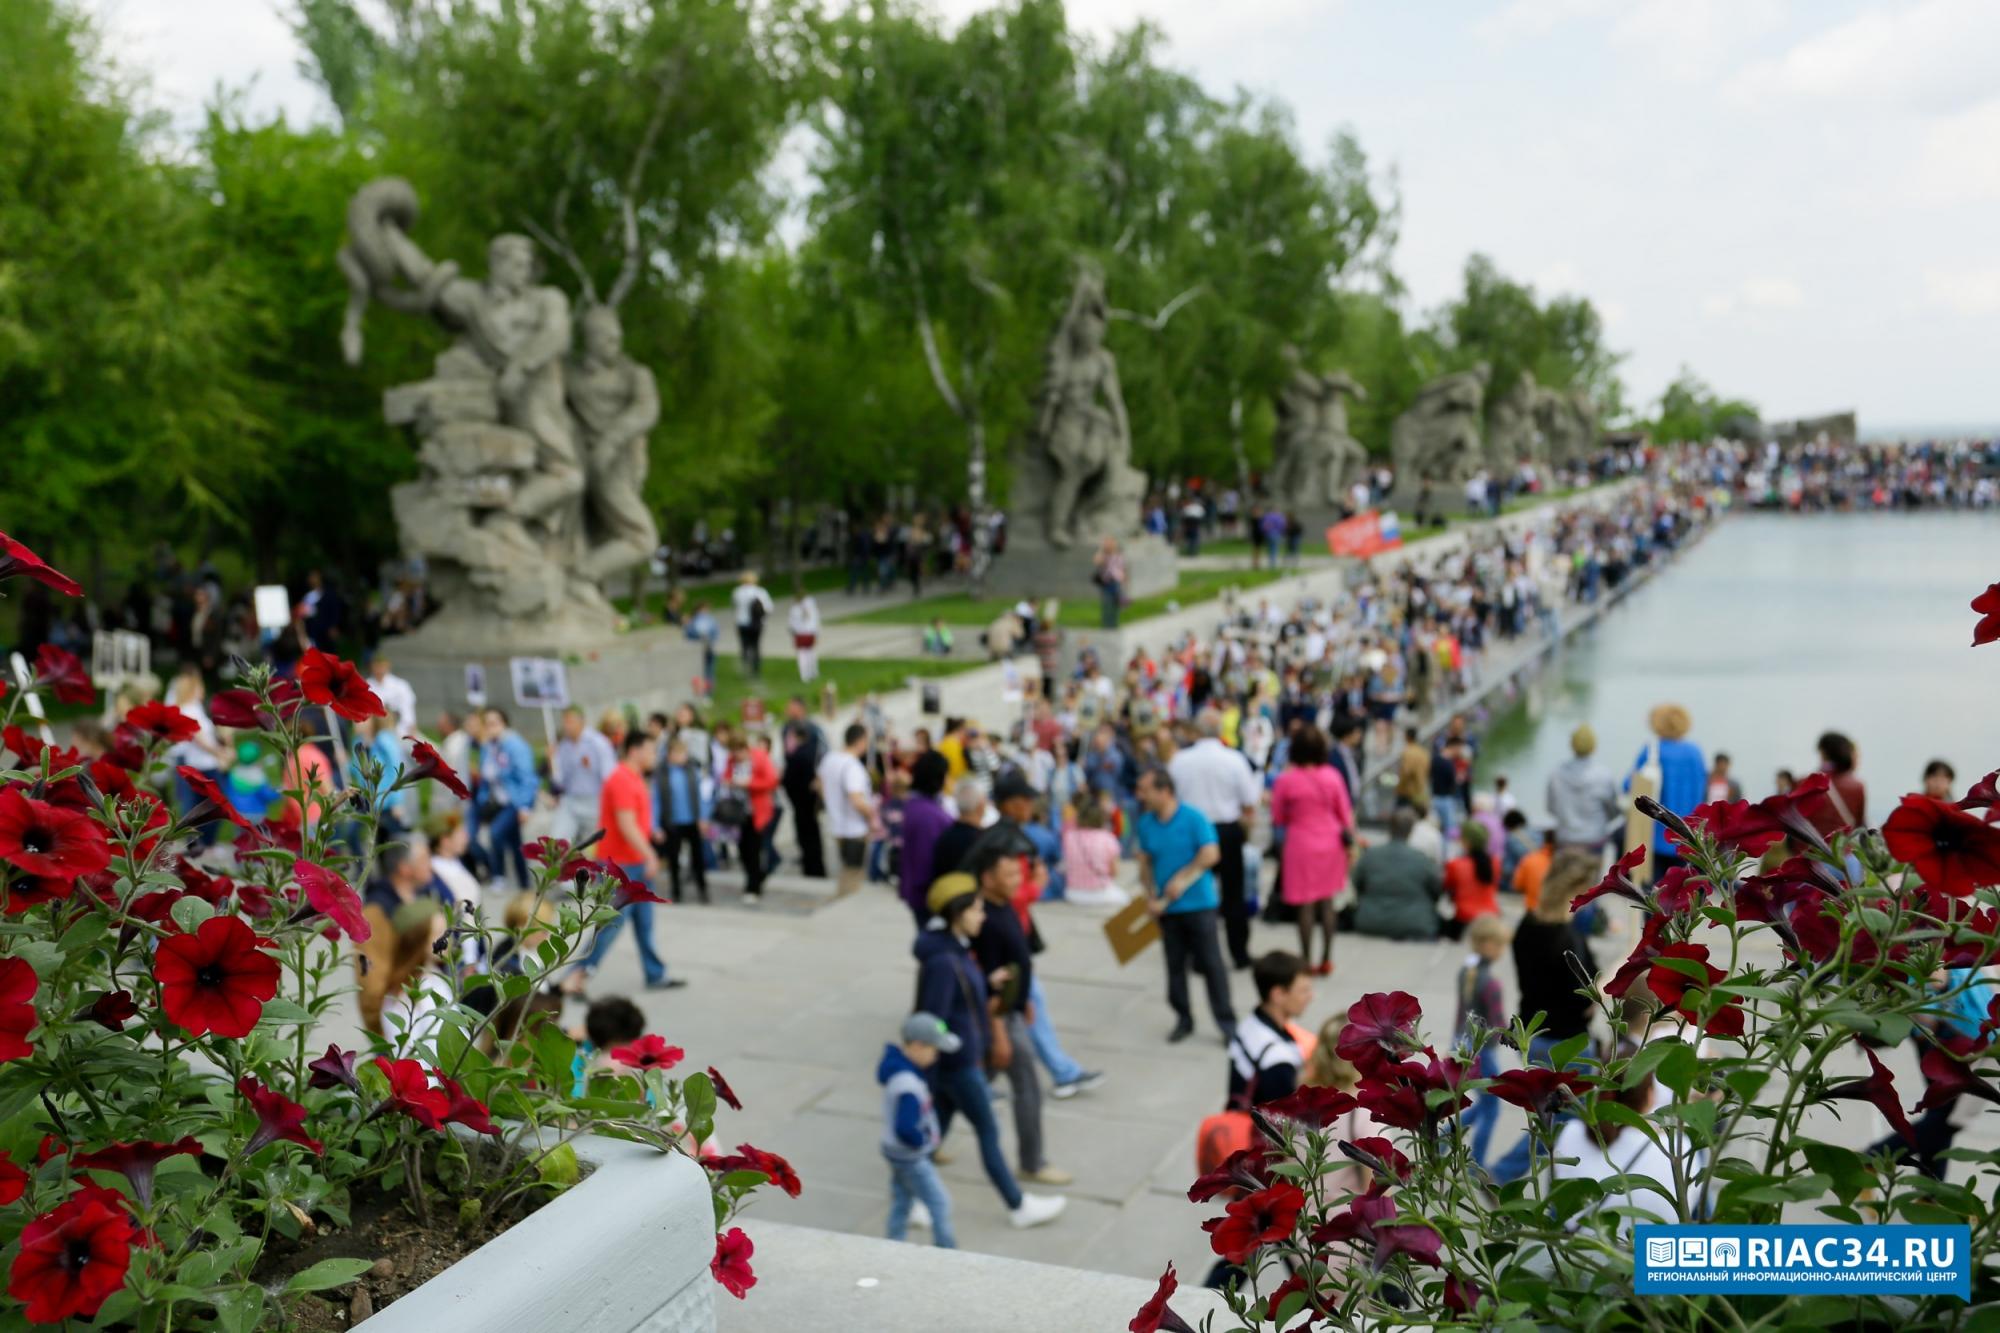 Празднование Дня Победы в Волгограде производит большое впечатление на гостей